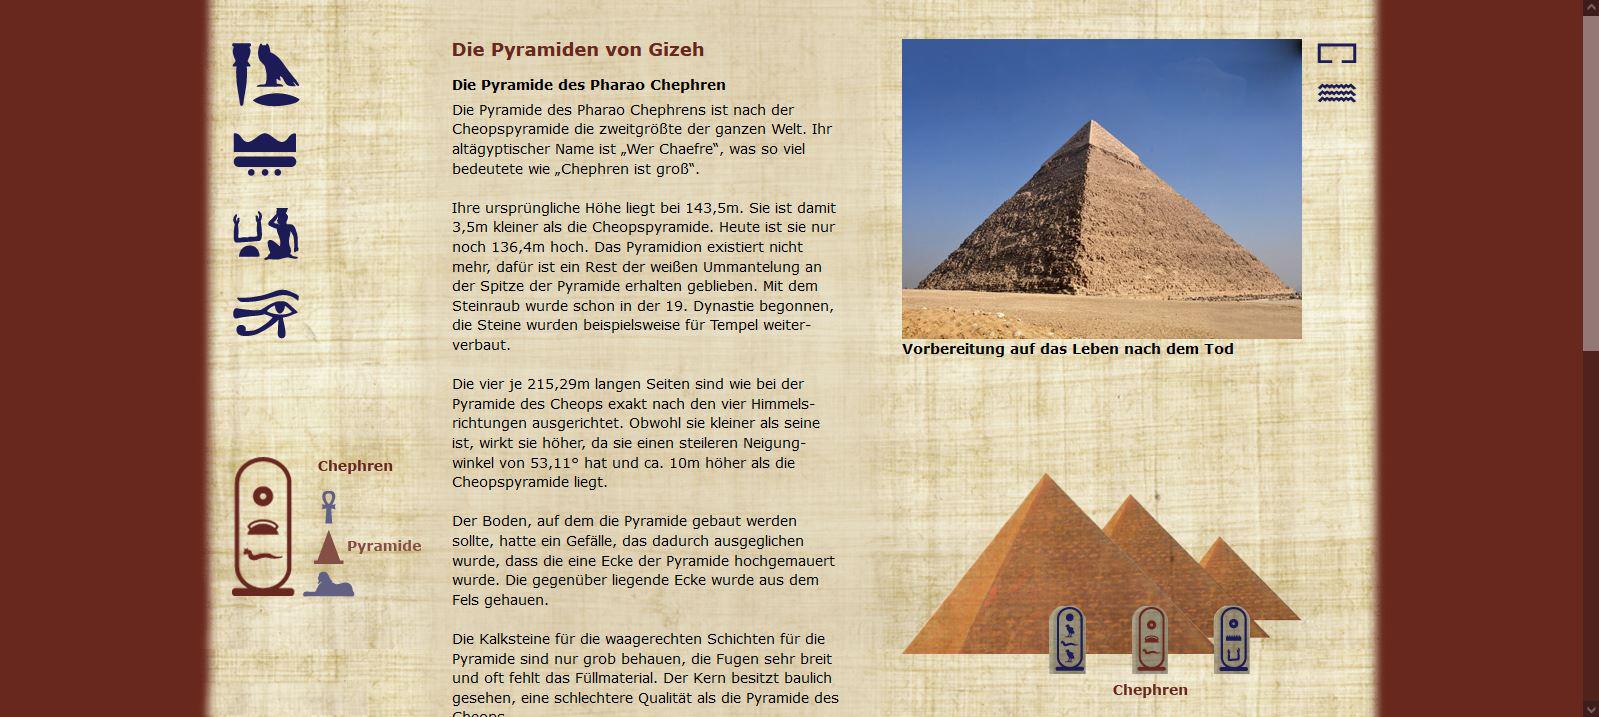 Die Pyramiden von Gizeh - Chephren - Pyramide